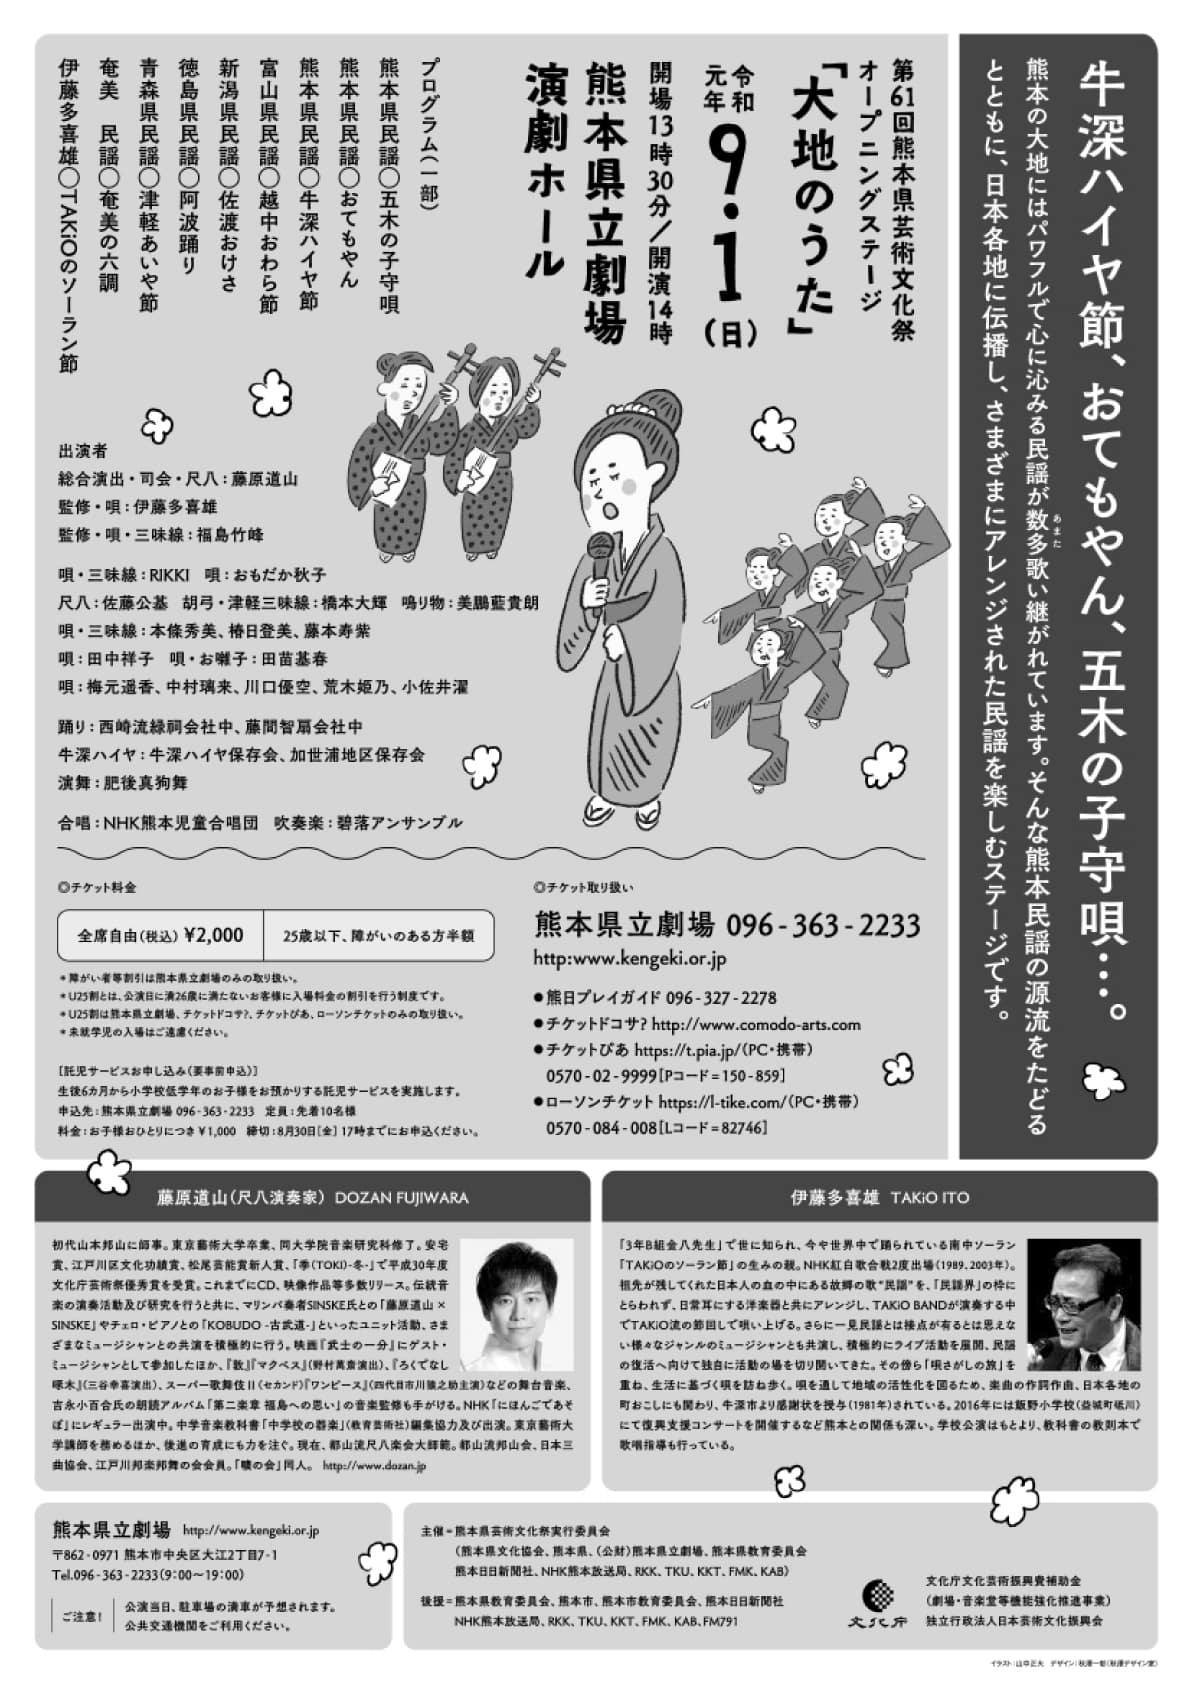 第61回熊本県芸術文化祭オープニングステージ「大地のうた」チラシ2